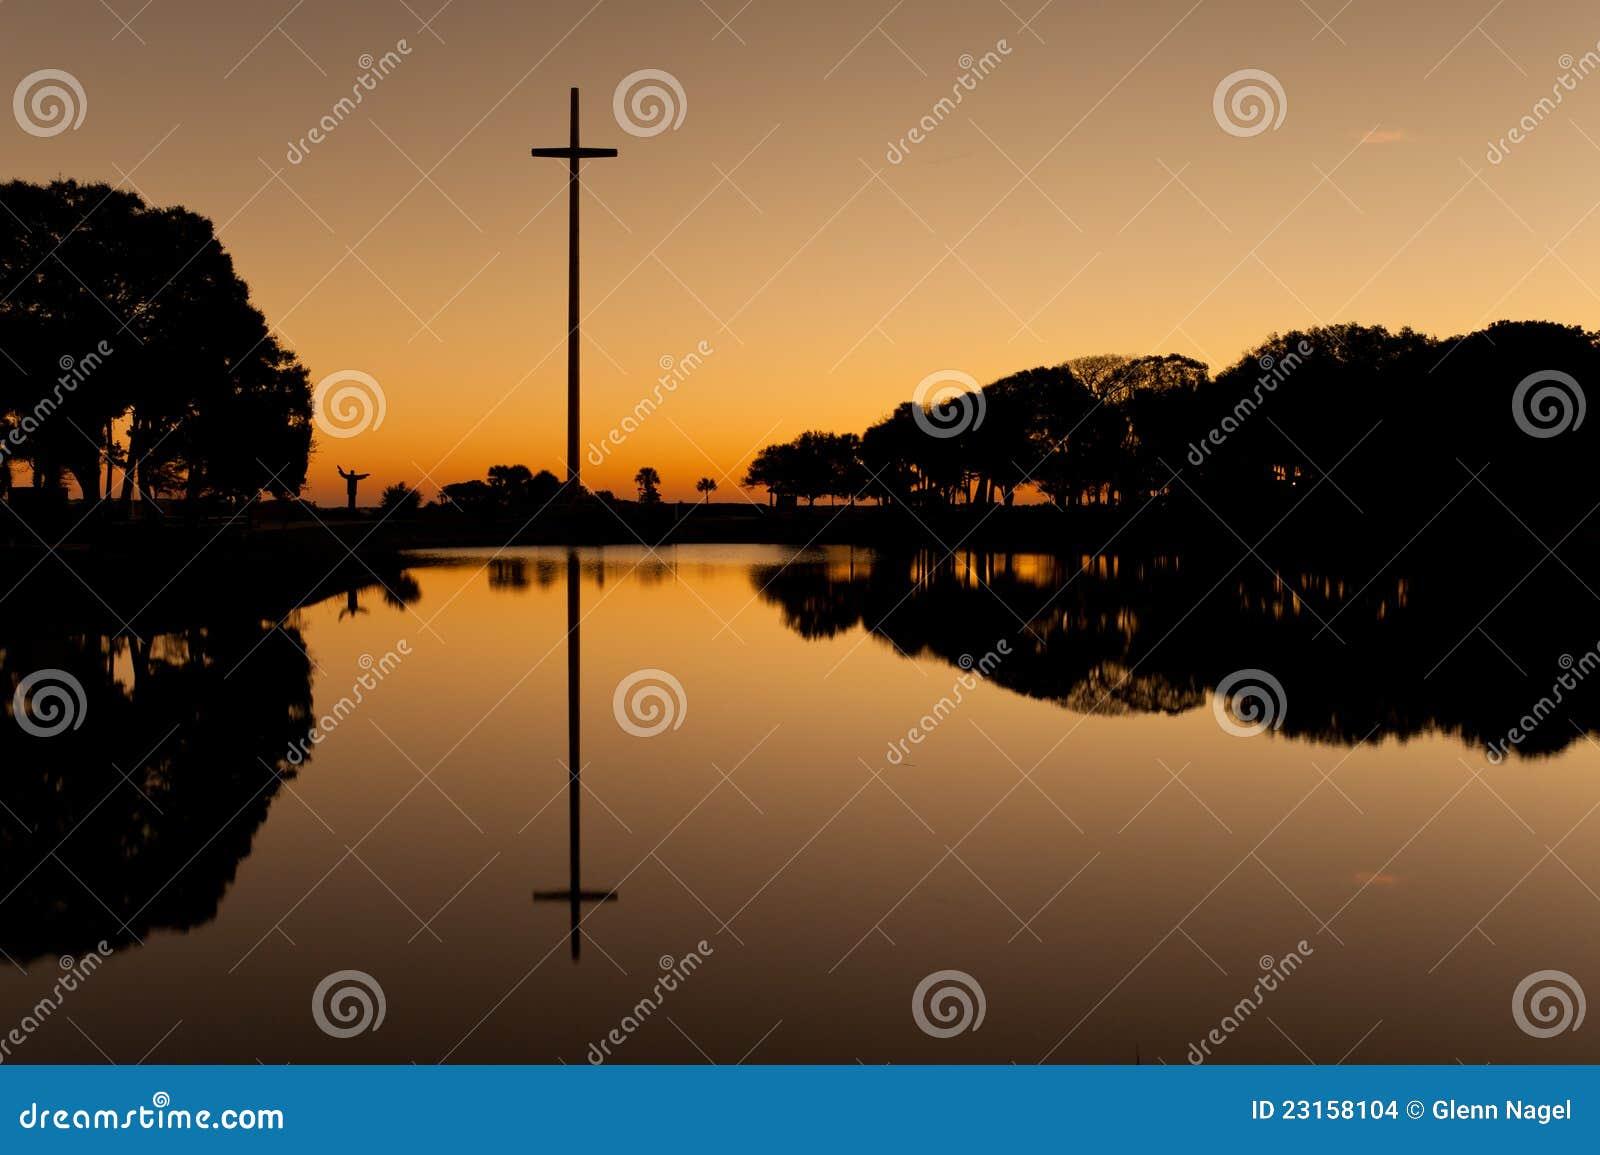 Wielki Krzyż